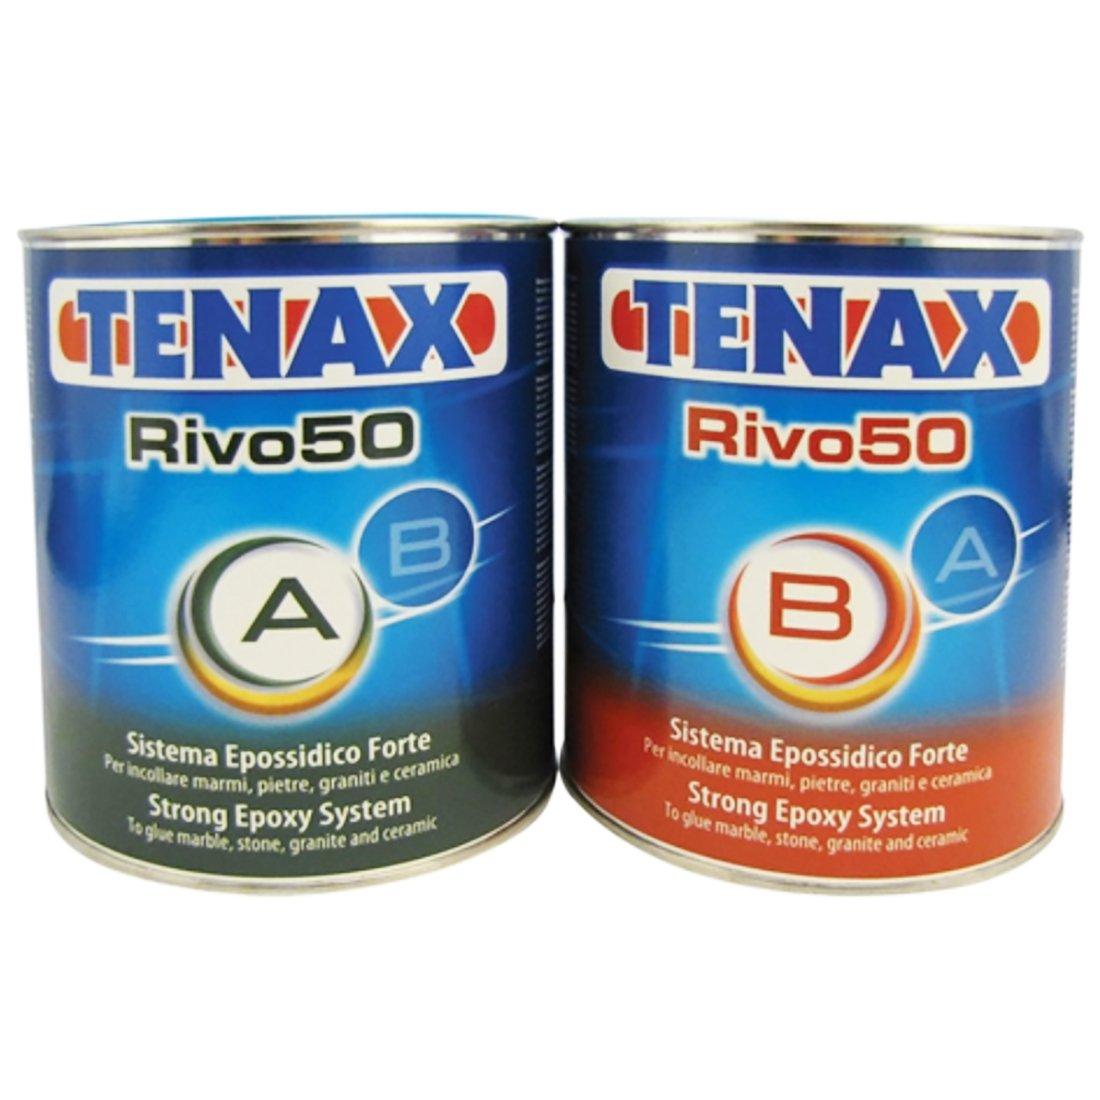 TENAX RIVO 50 KNIFE GRADE EPOXY 1:1 - 2 LITER KIT by Tenax